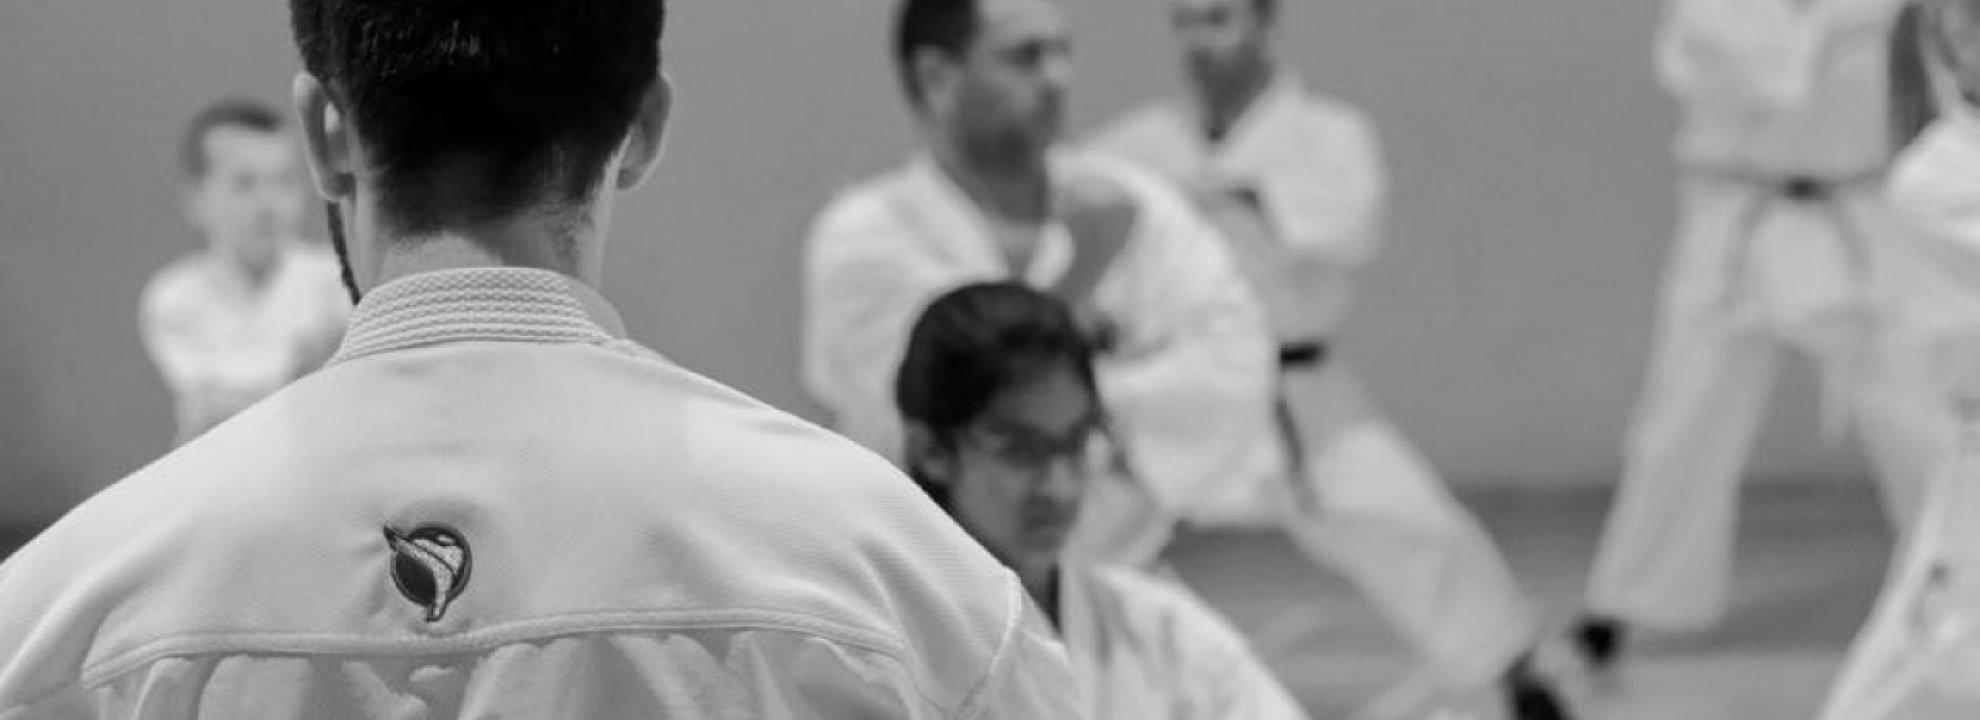 Shotokan karate training Banner